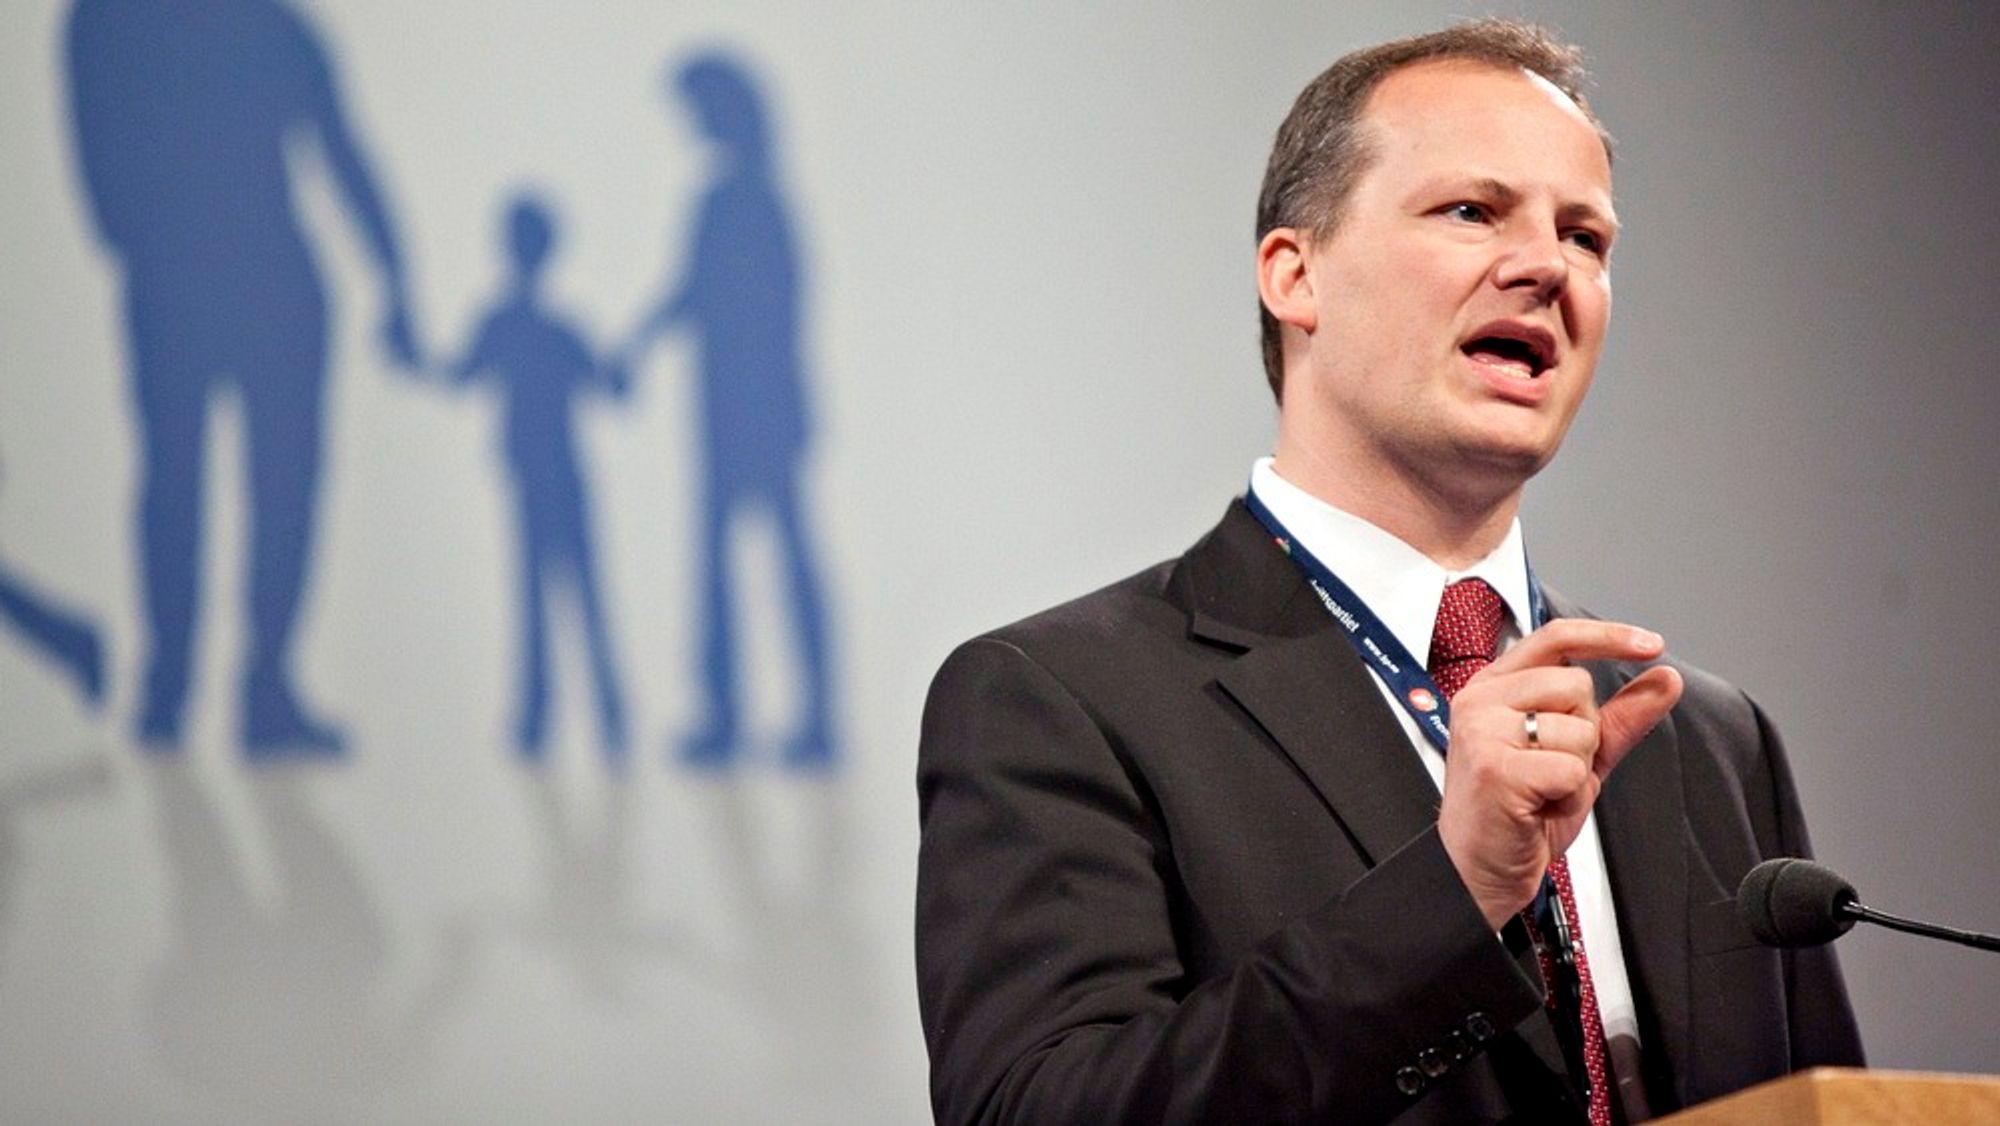 Ketil Solvik-Olsen er så fornøyd med Borten Moes uttalelser under ONS at han oppfordrer ham til å bytte parti.